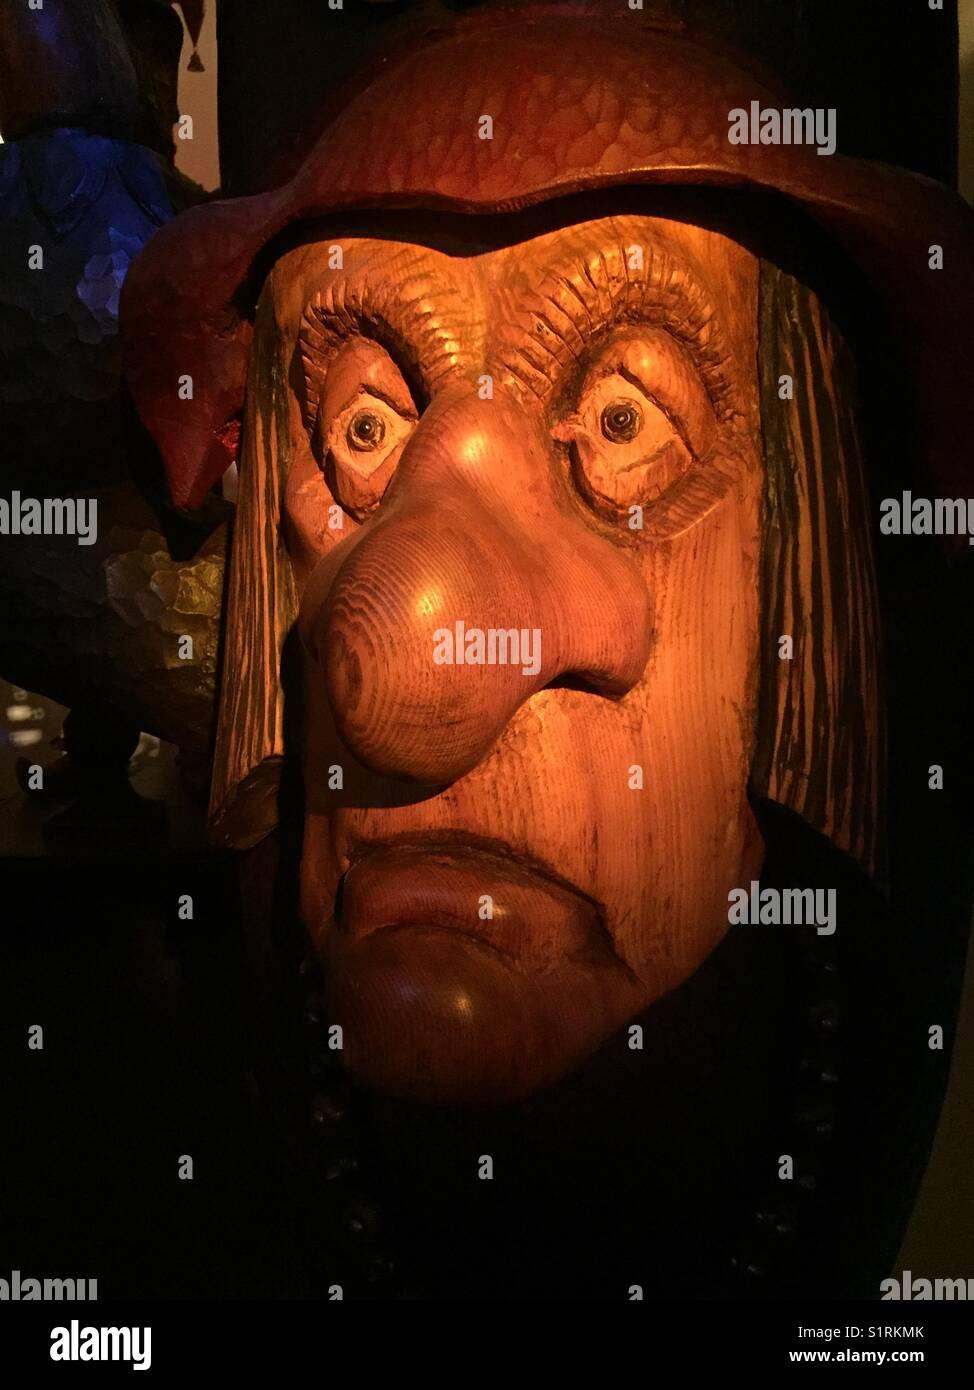 Sharmanka Kinetic Theatre - Stock Image